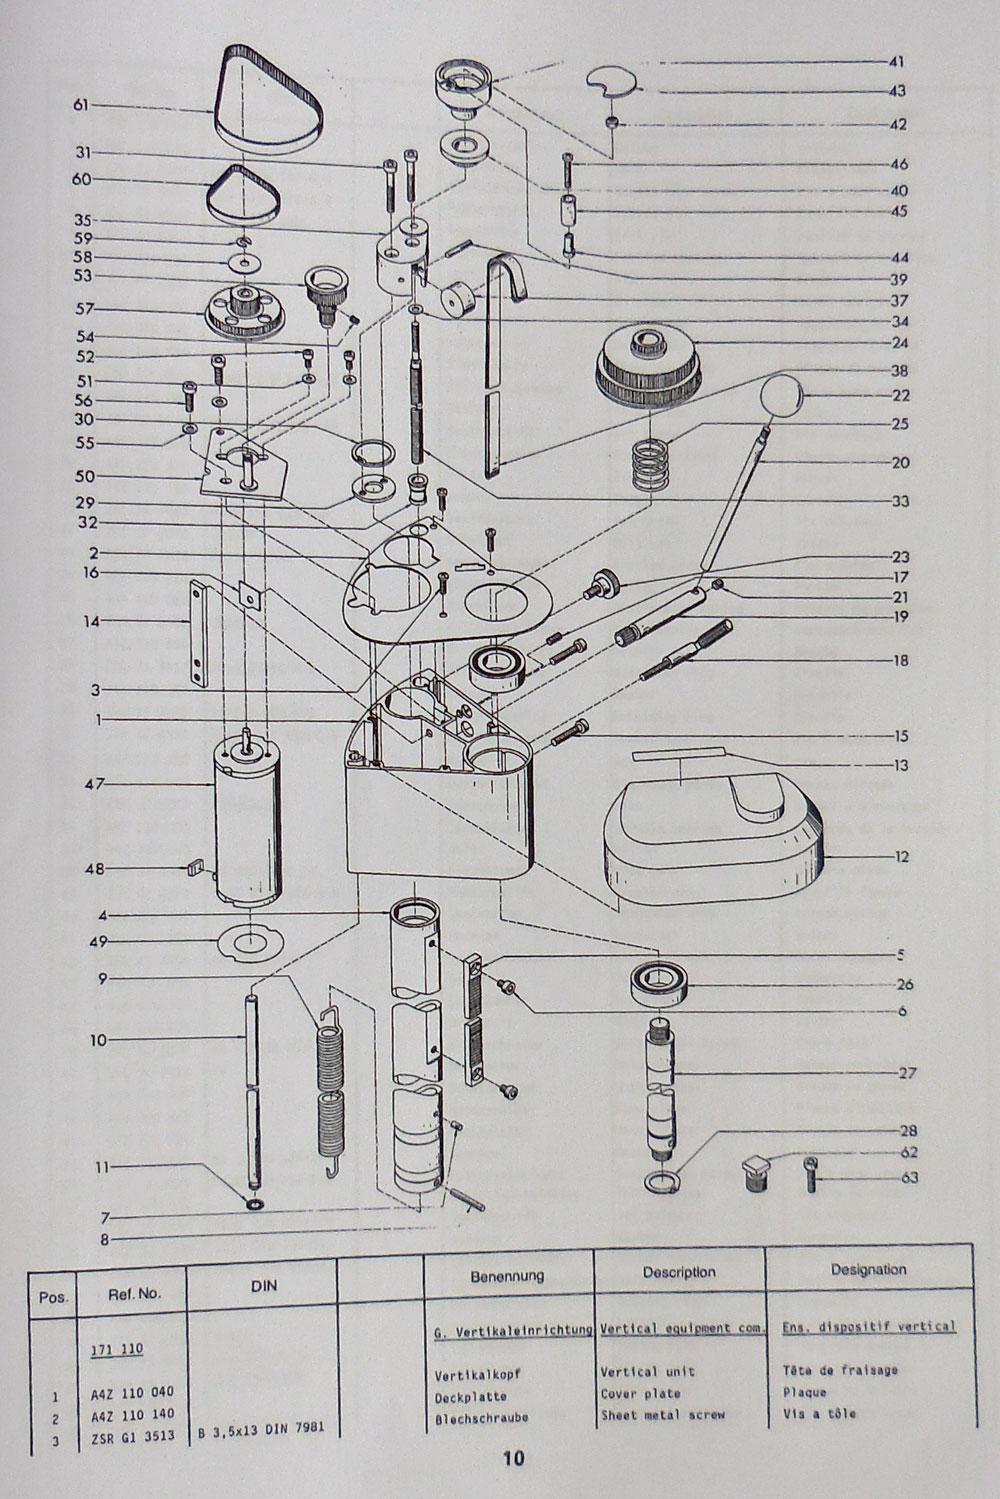 emco unimat basic pc lathe quadrant assembly 0227ub